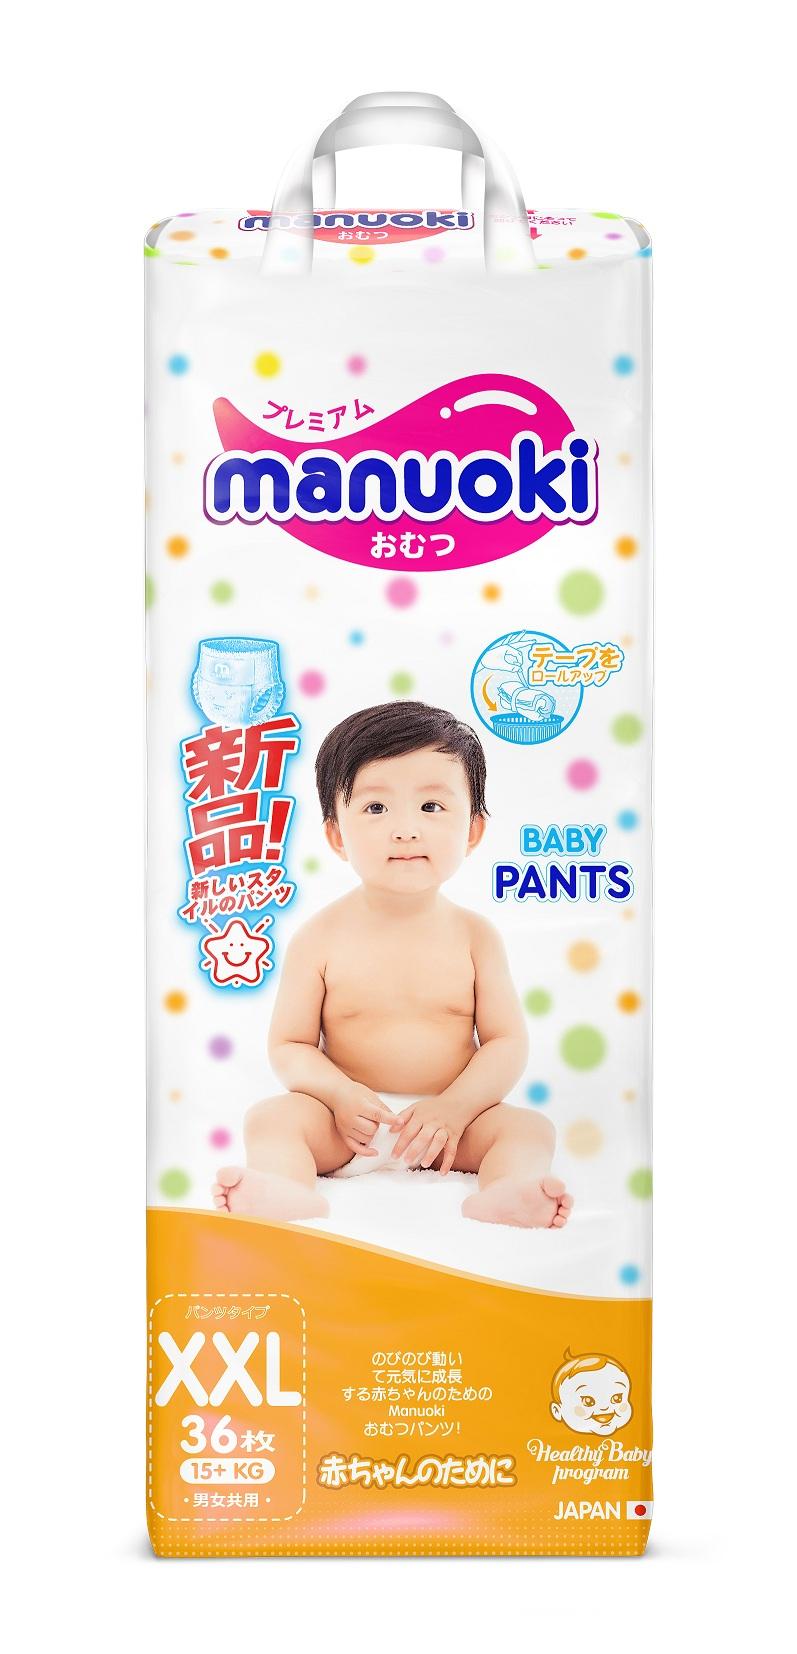 Купить Трусики-подгузники Manuoki, размер XXL 15+ кг, 36 штук